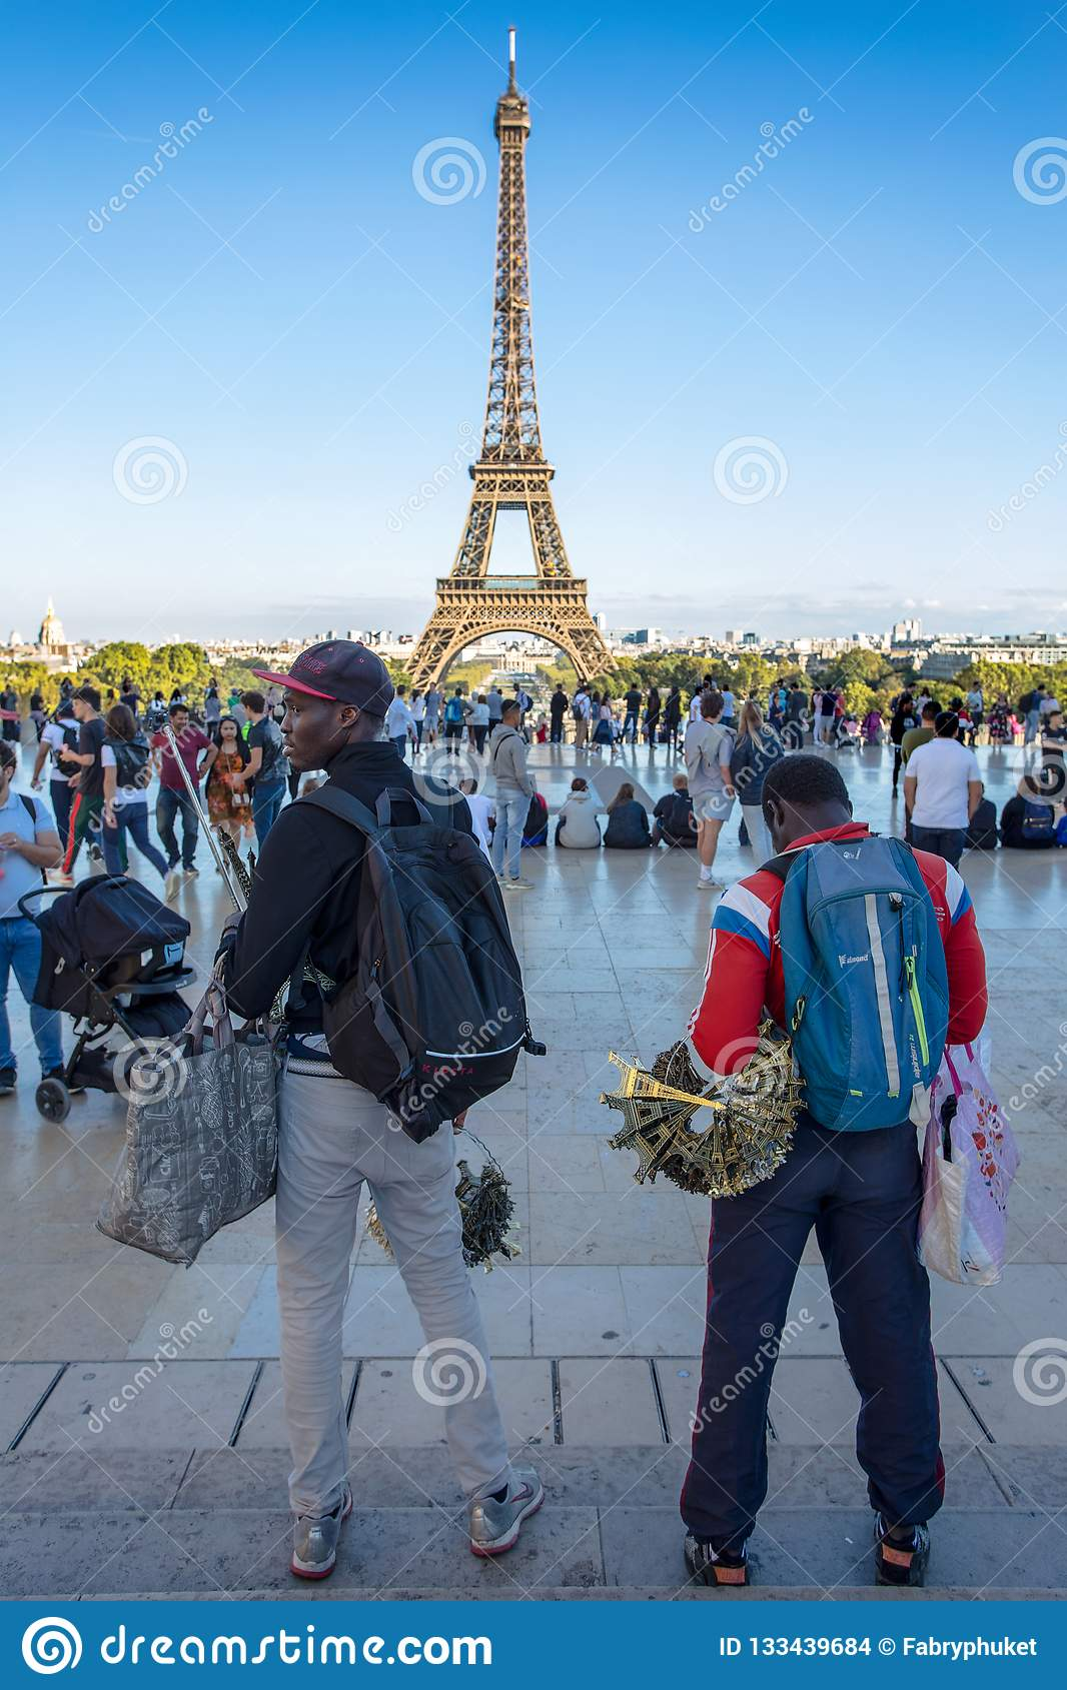 Afrykańscy imigranci sprzedają pamiątki mała wieża eifla Przy Trocadero, w Paryż, Francja